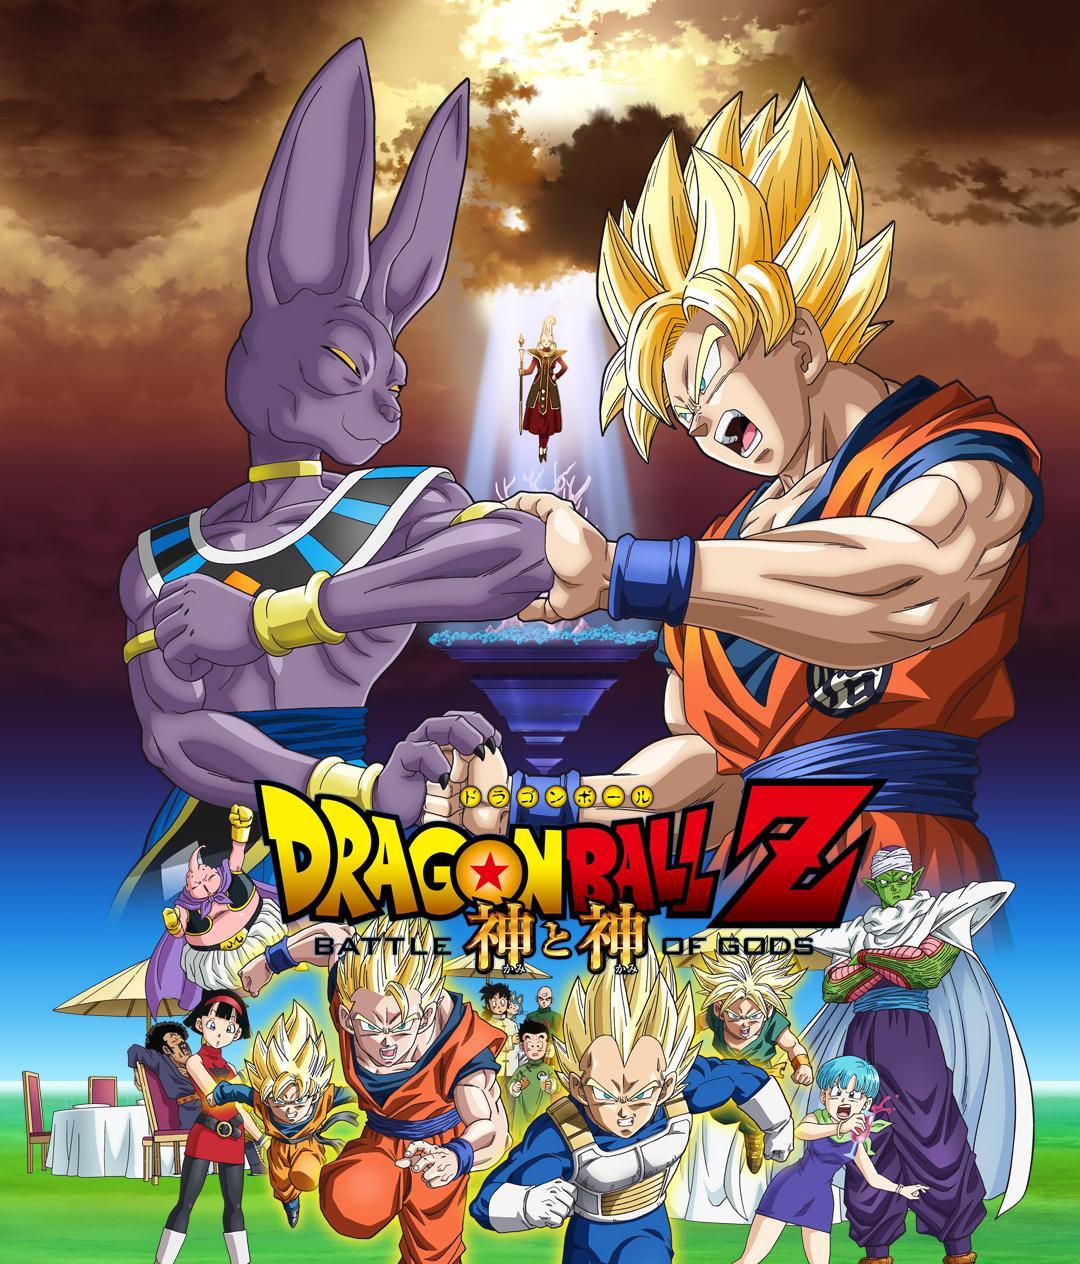 Dragon ball Z La Batalla De Los Dioses Sinopsis